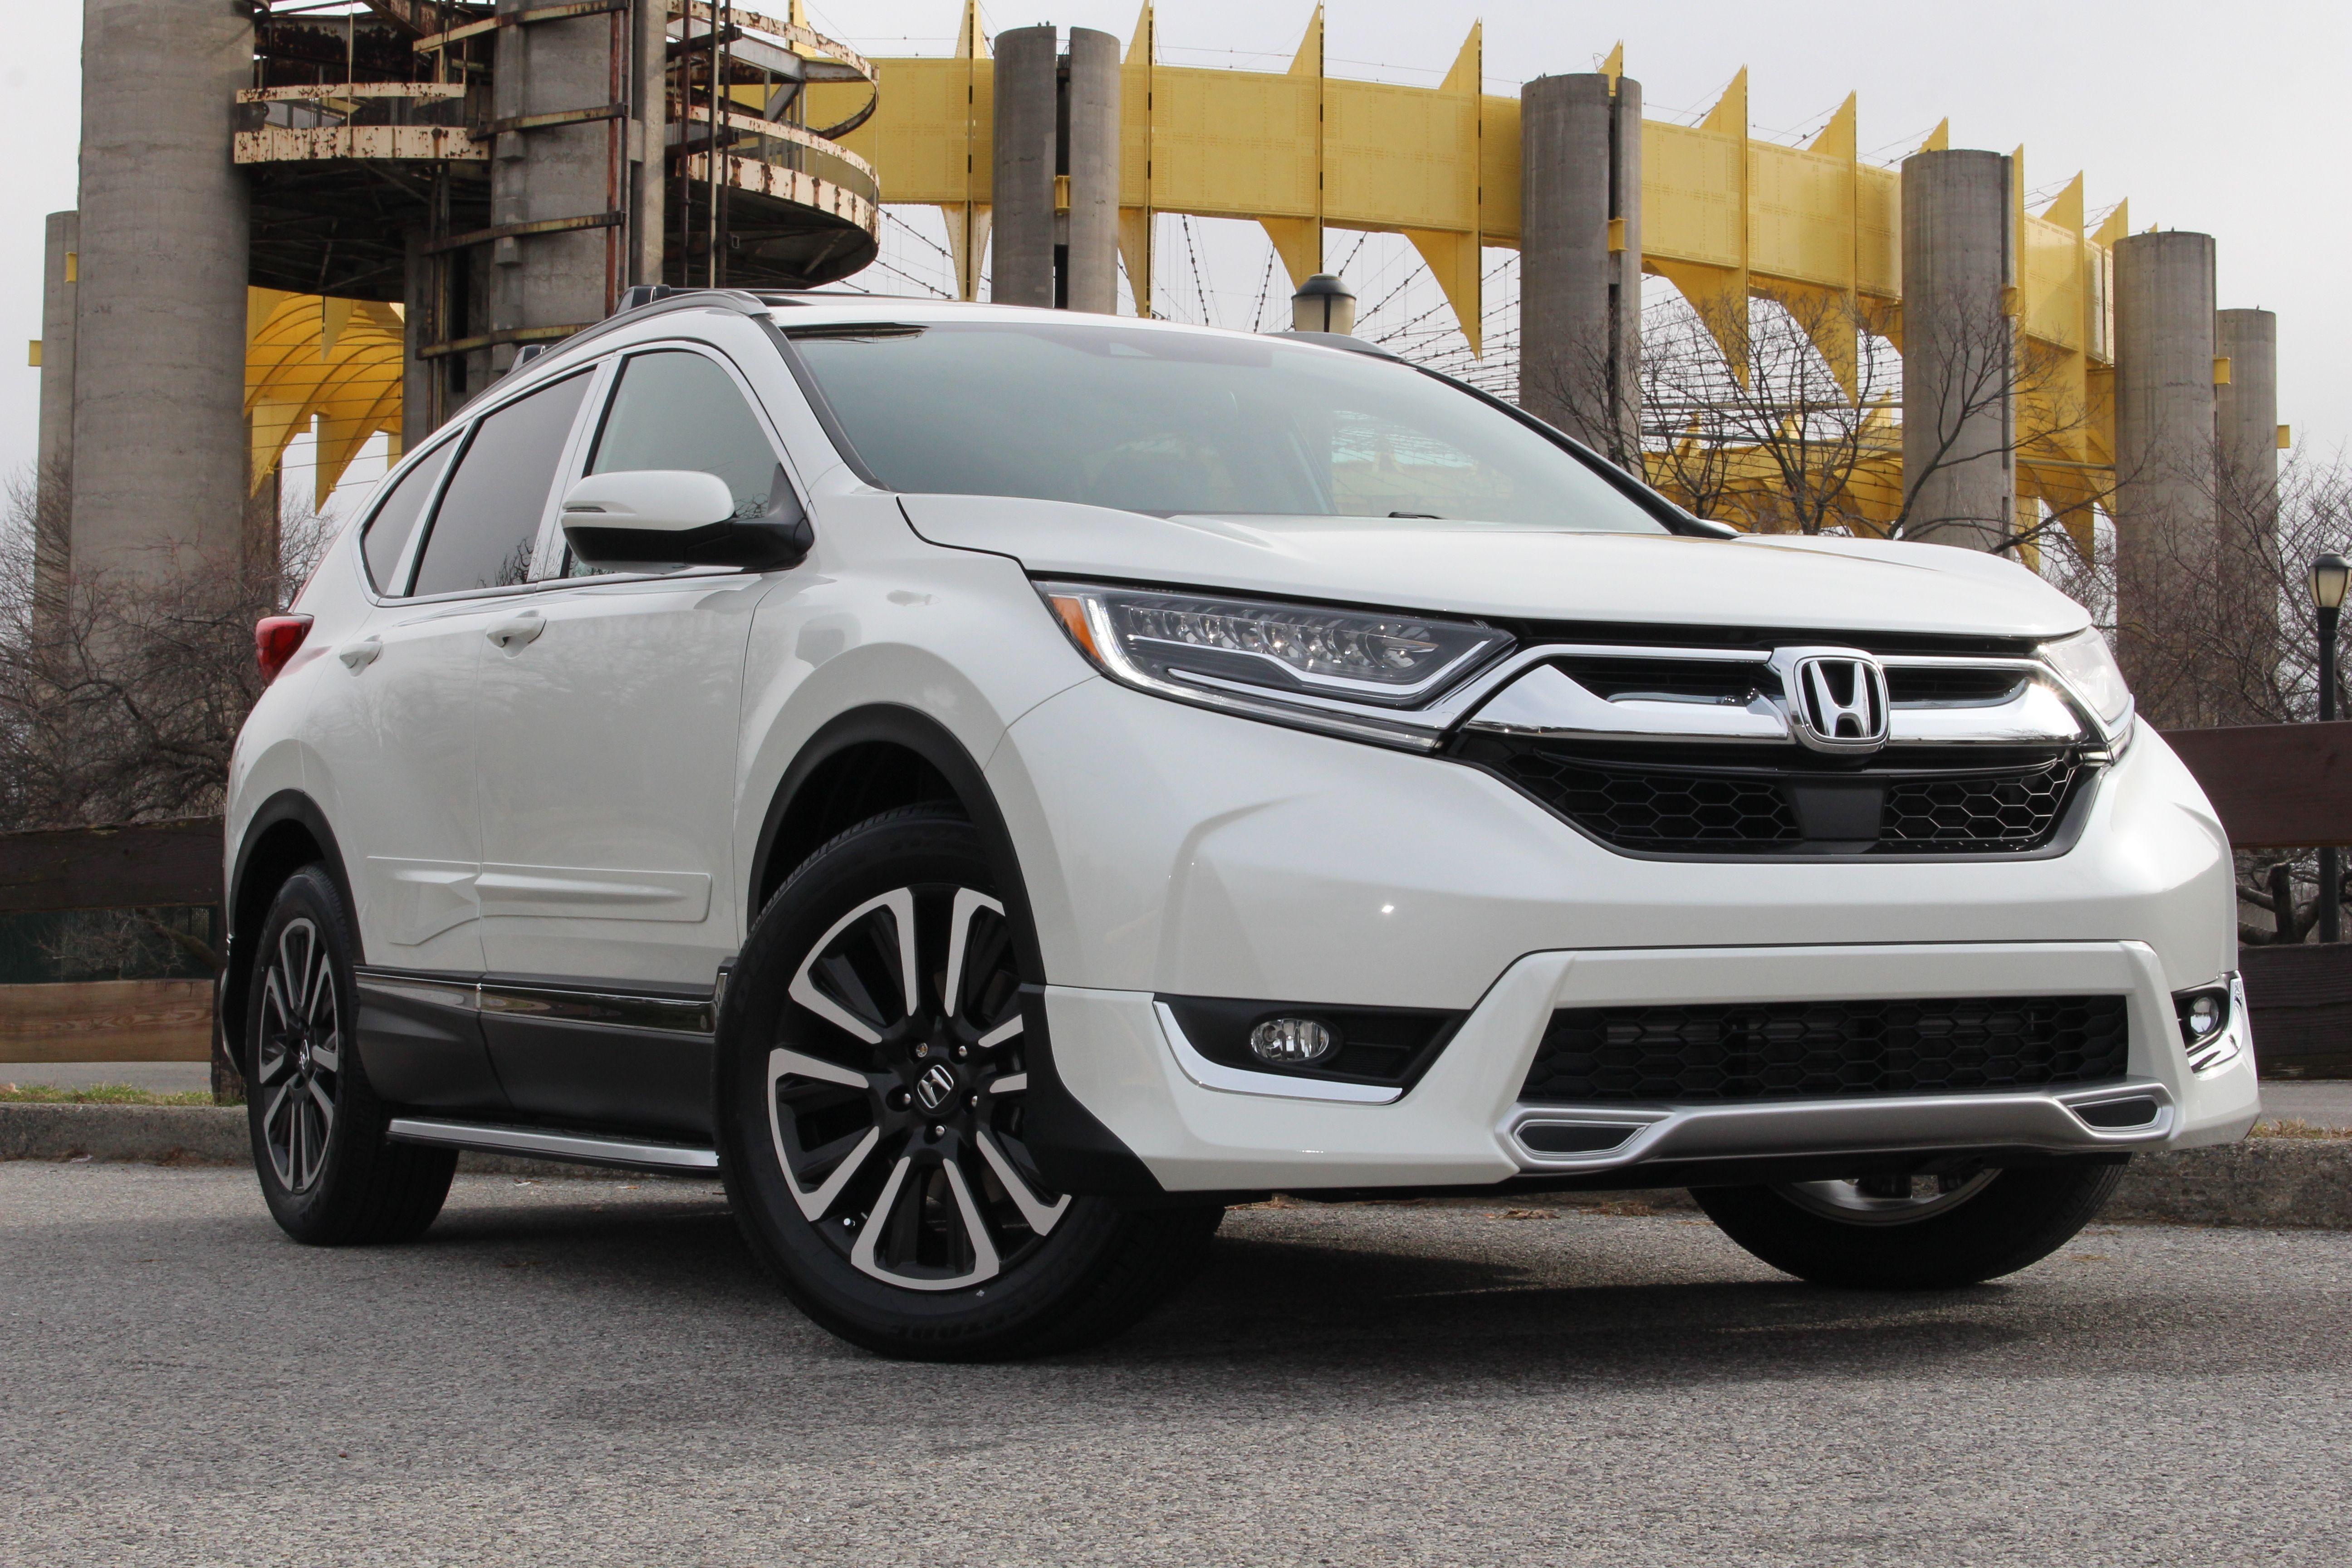 Allnew custom 2017 Honda CRV at Paragon Honda. Honda